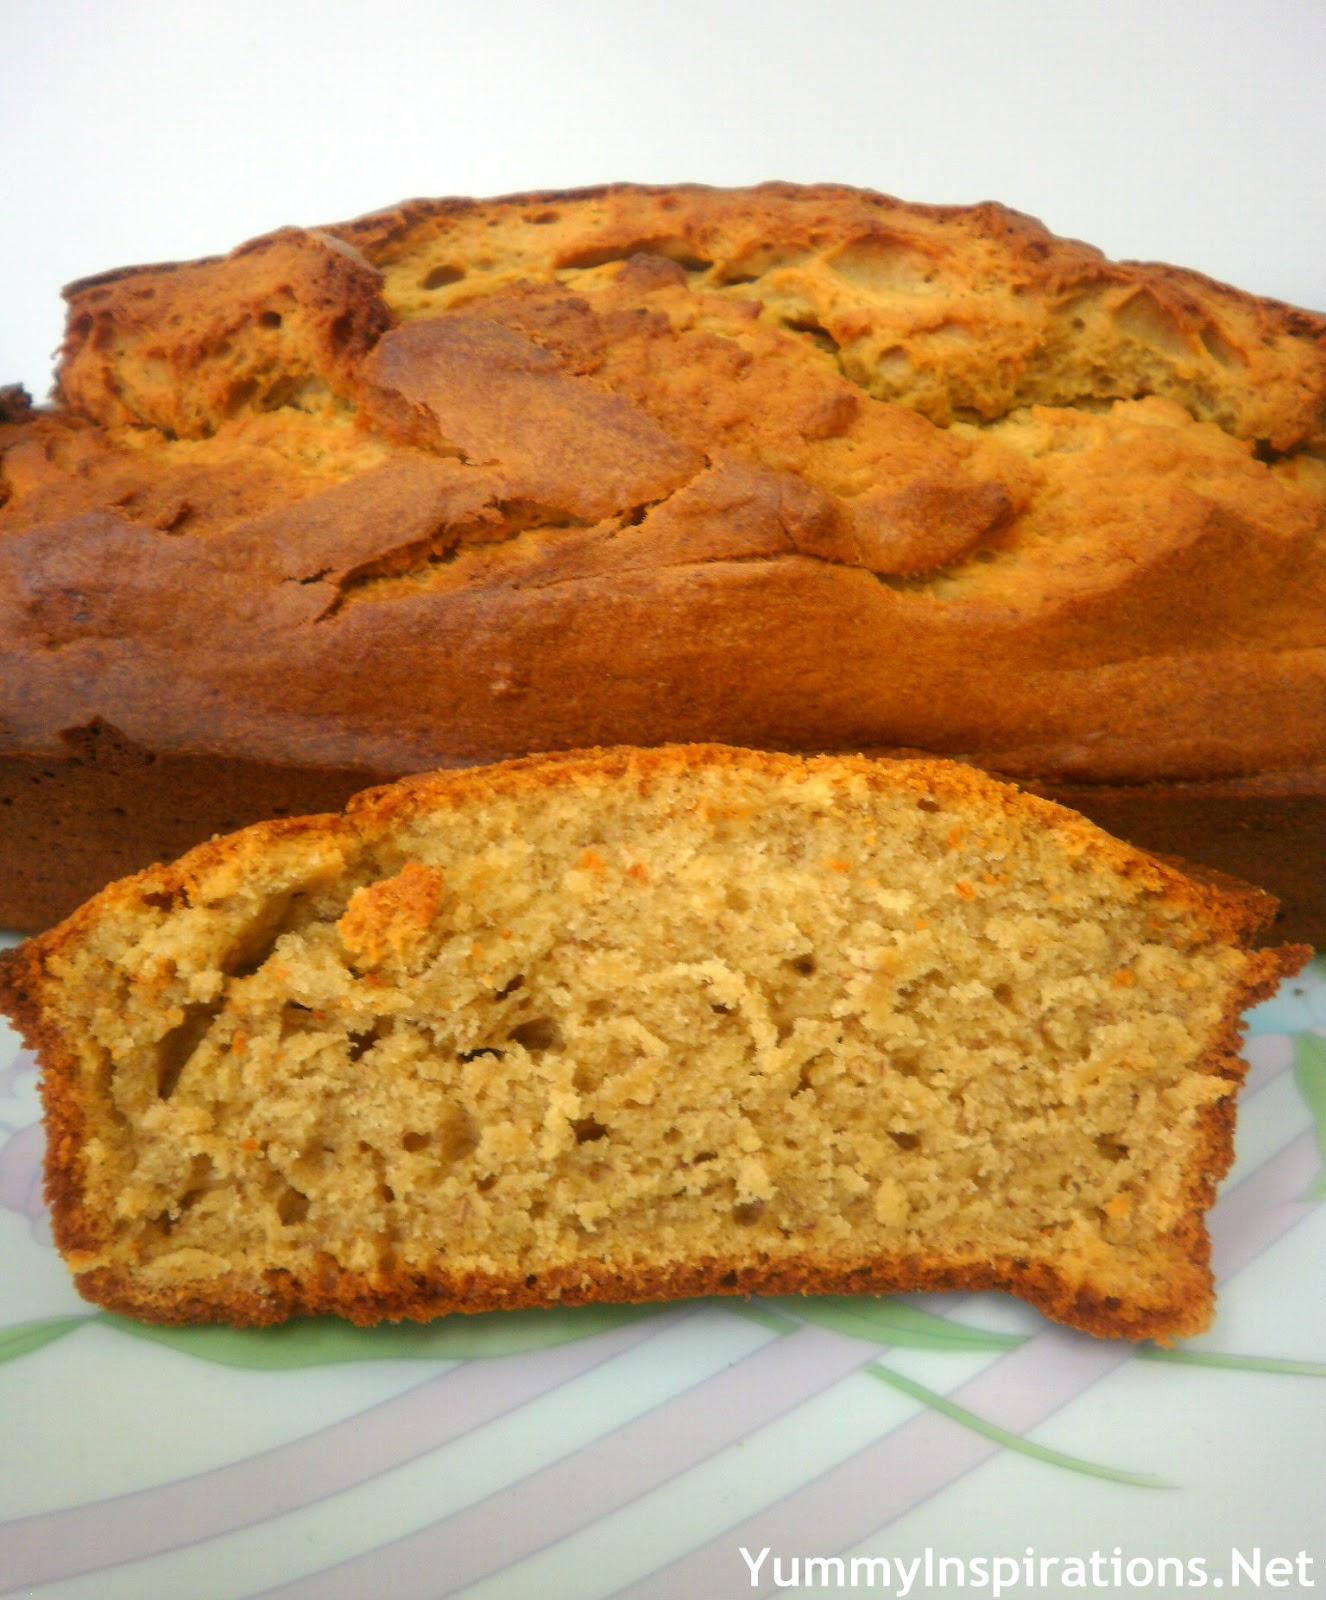 Banana & Coconut Bread